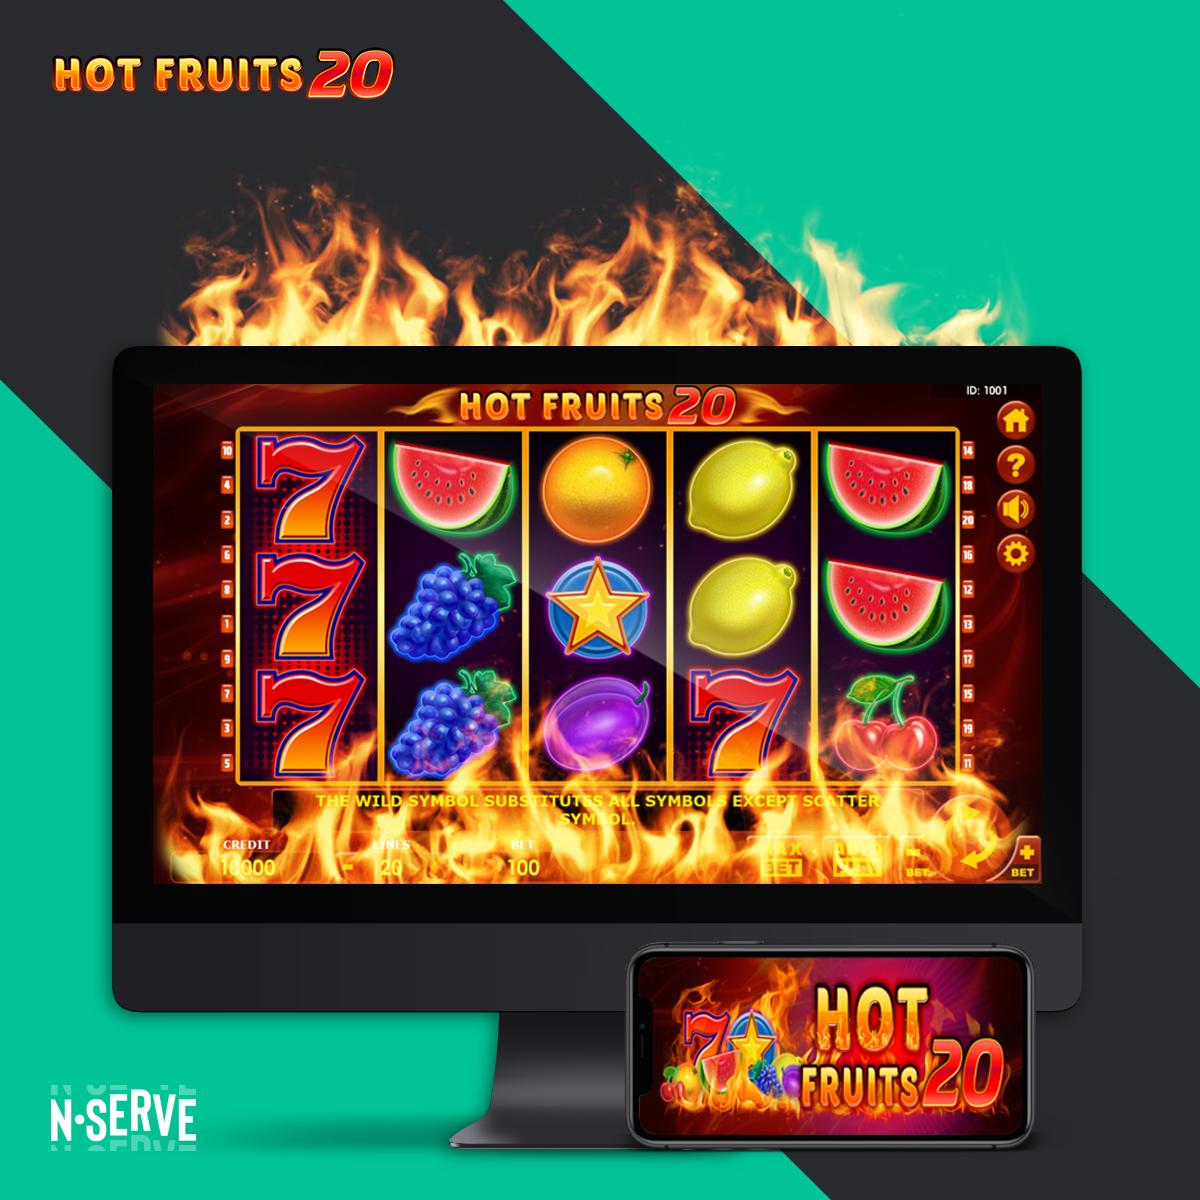 Hot Fruits 20 (1200x1200)